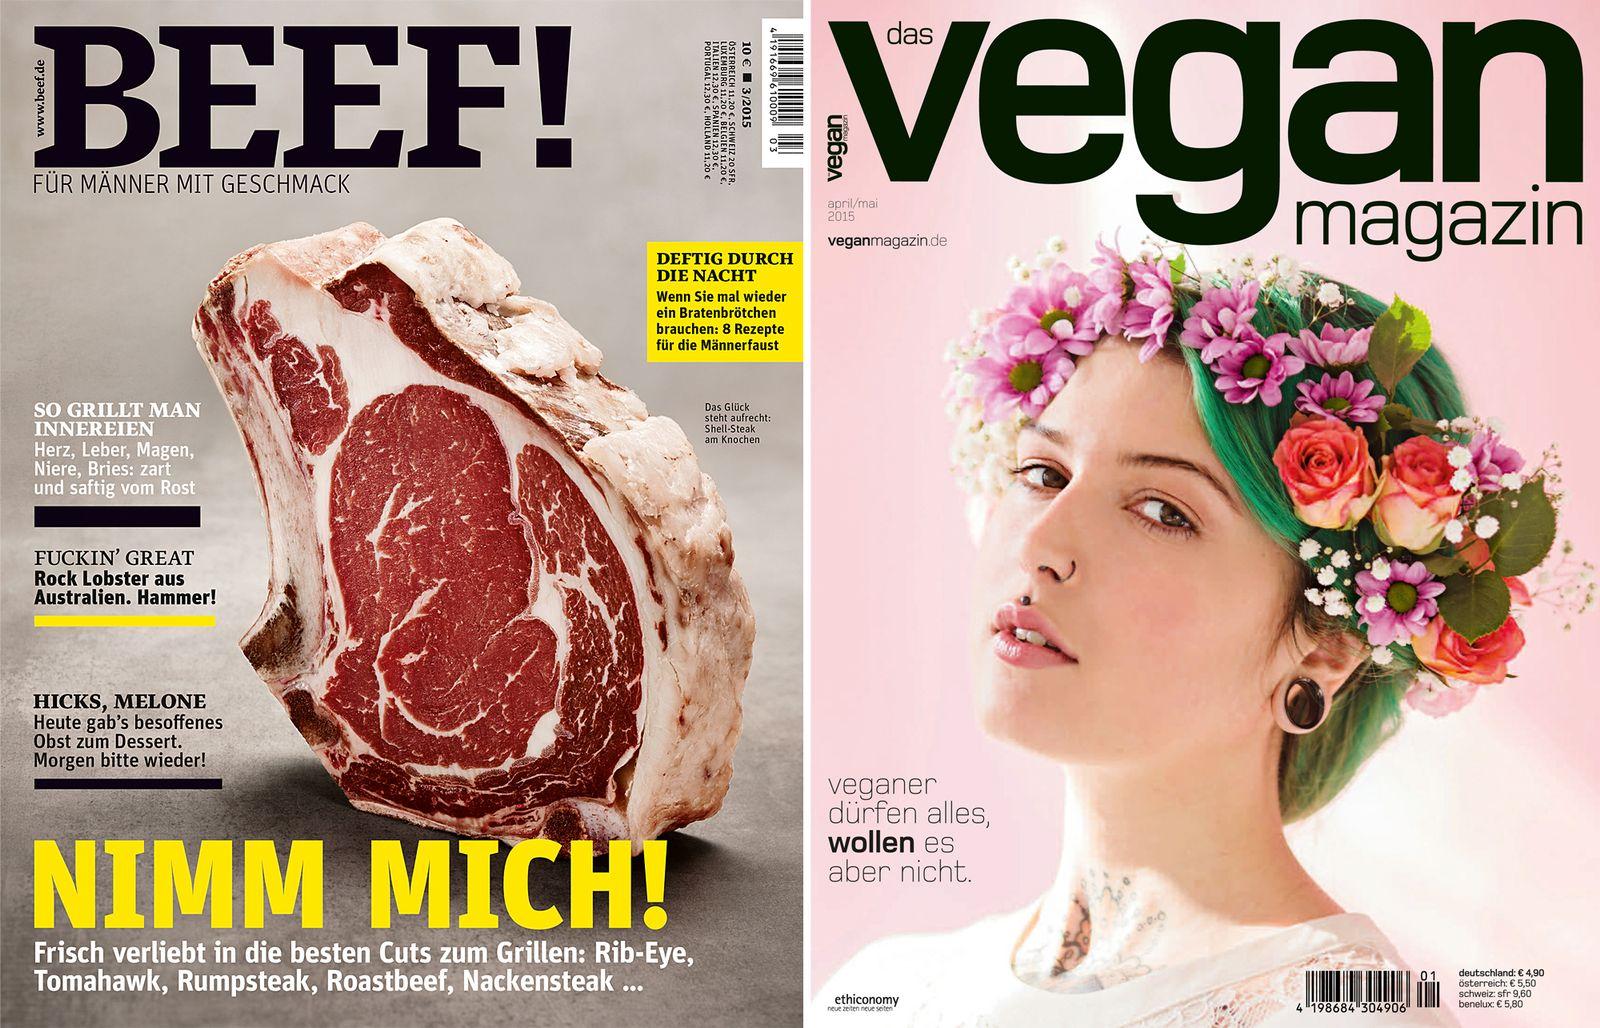 Magazin/ Beef! - Vegan Magazin